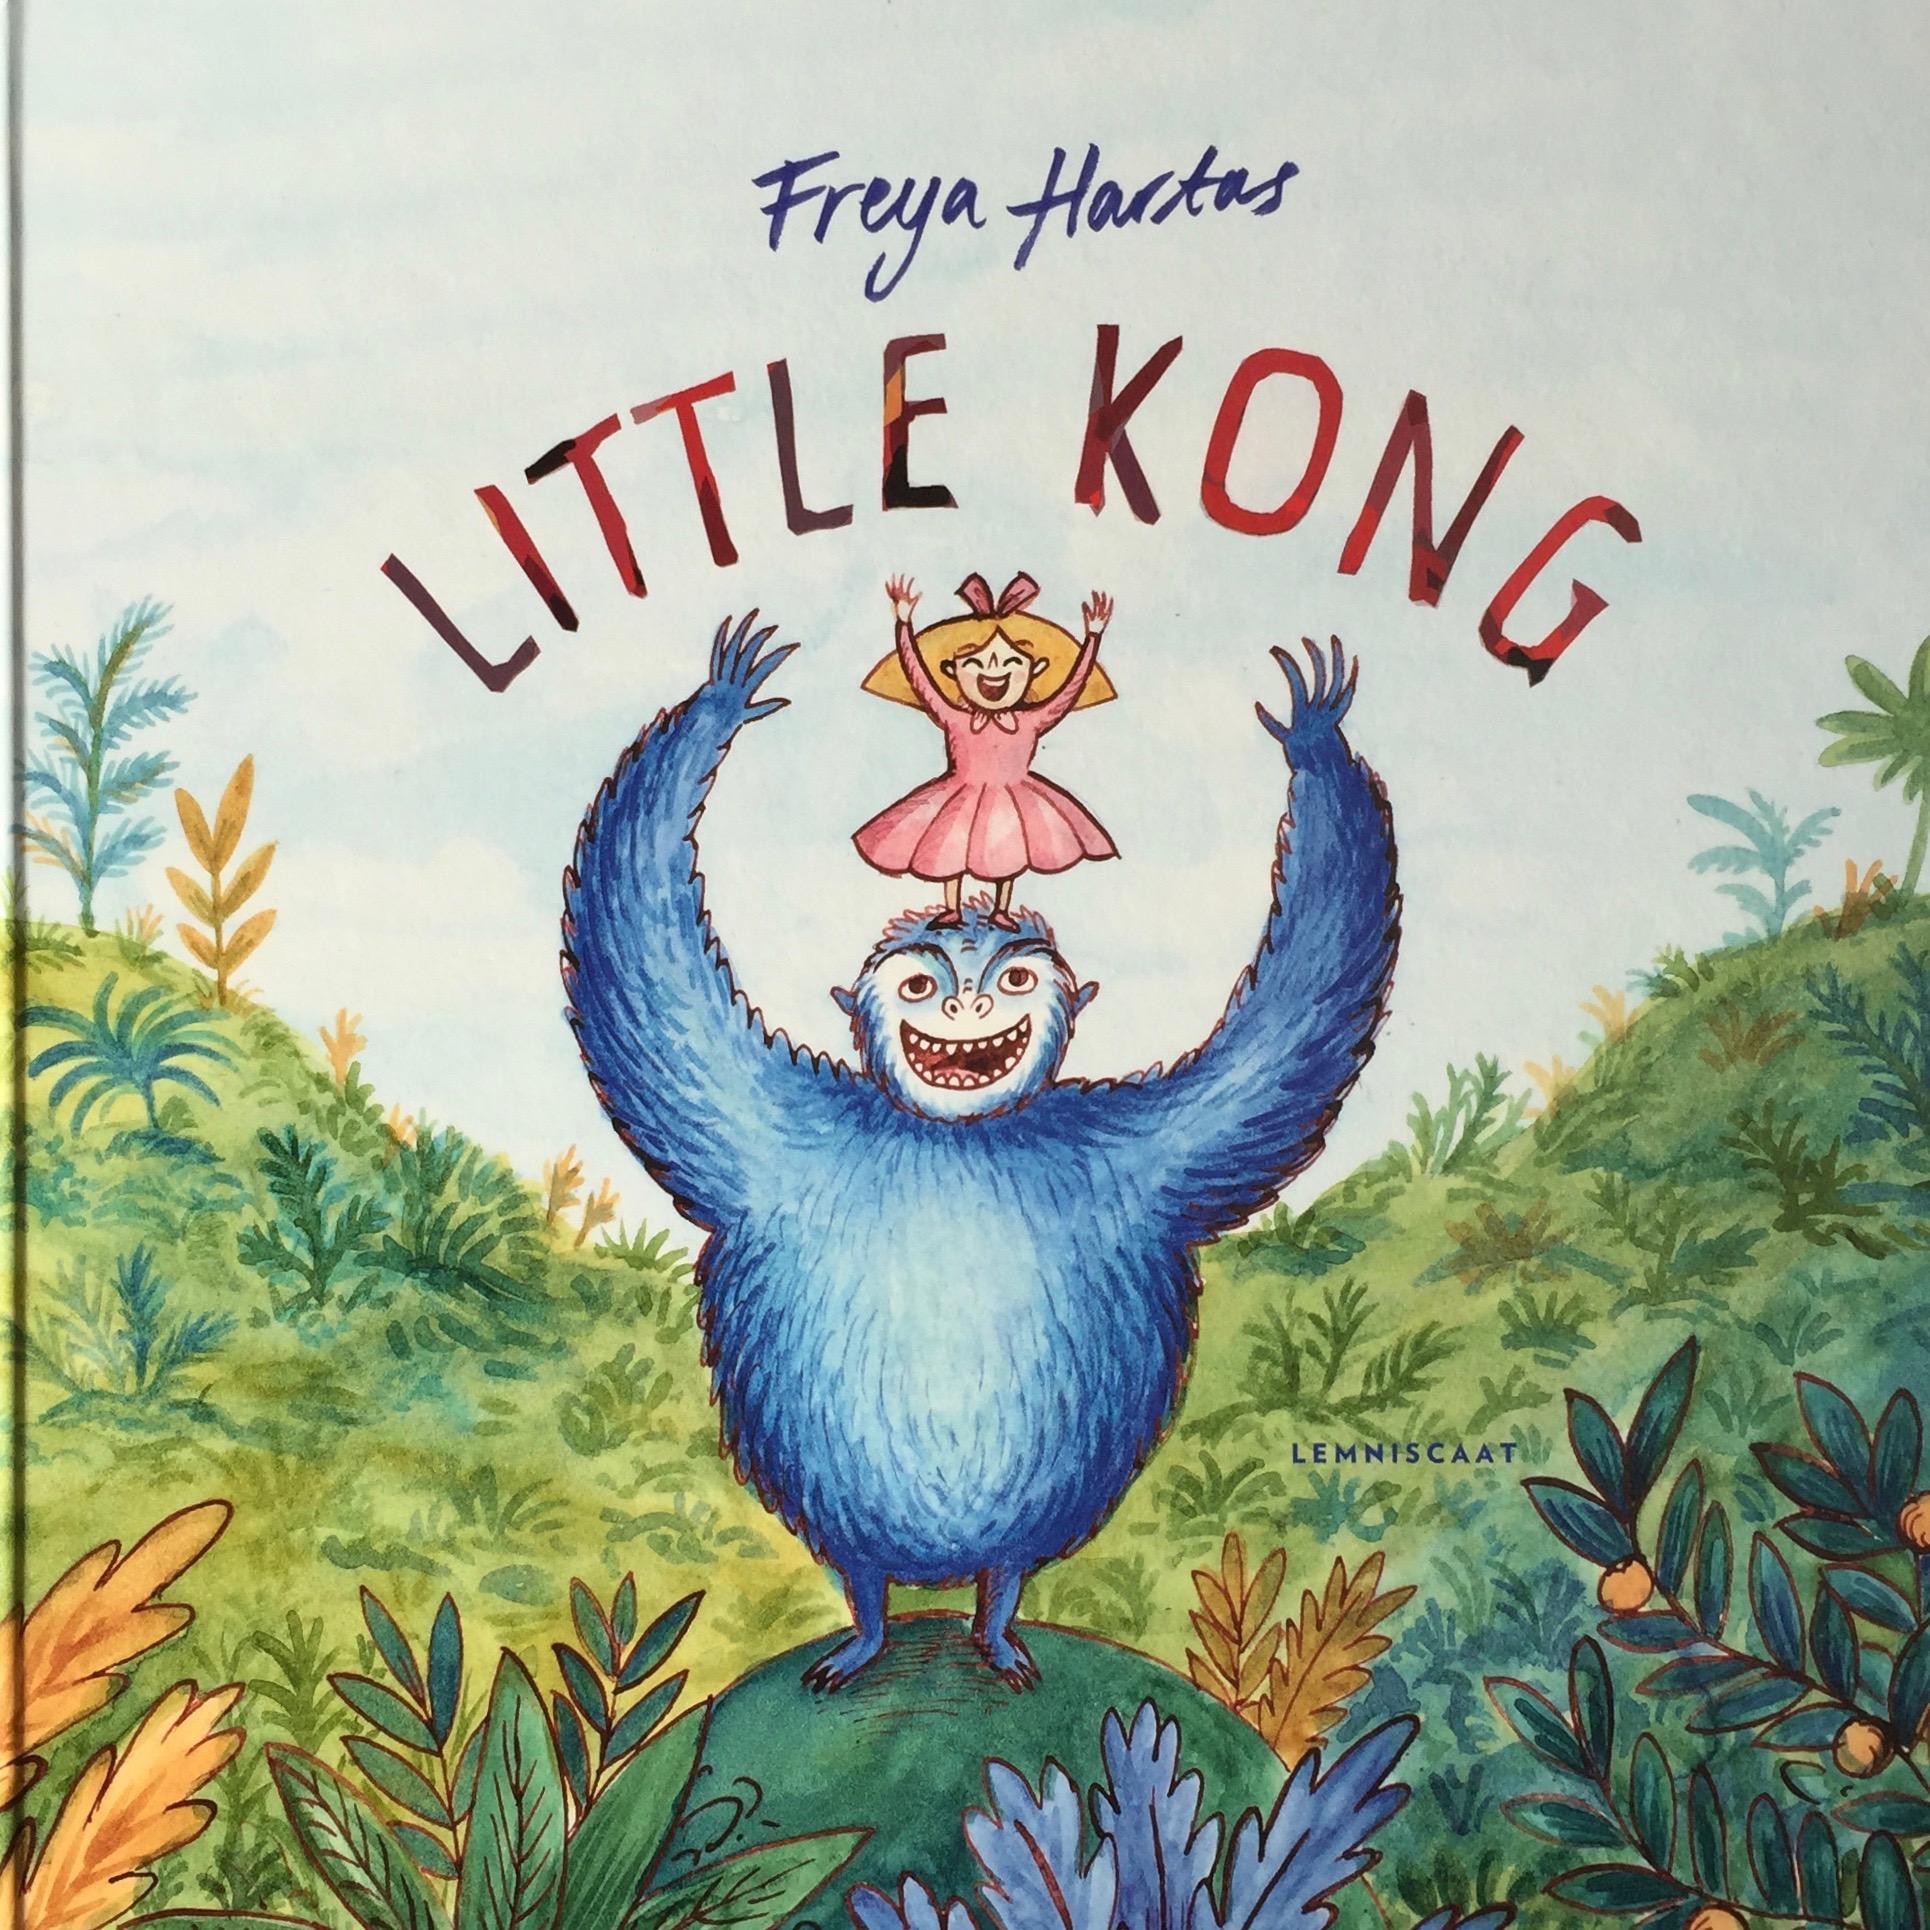 Review - Little Kong